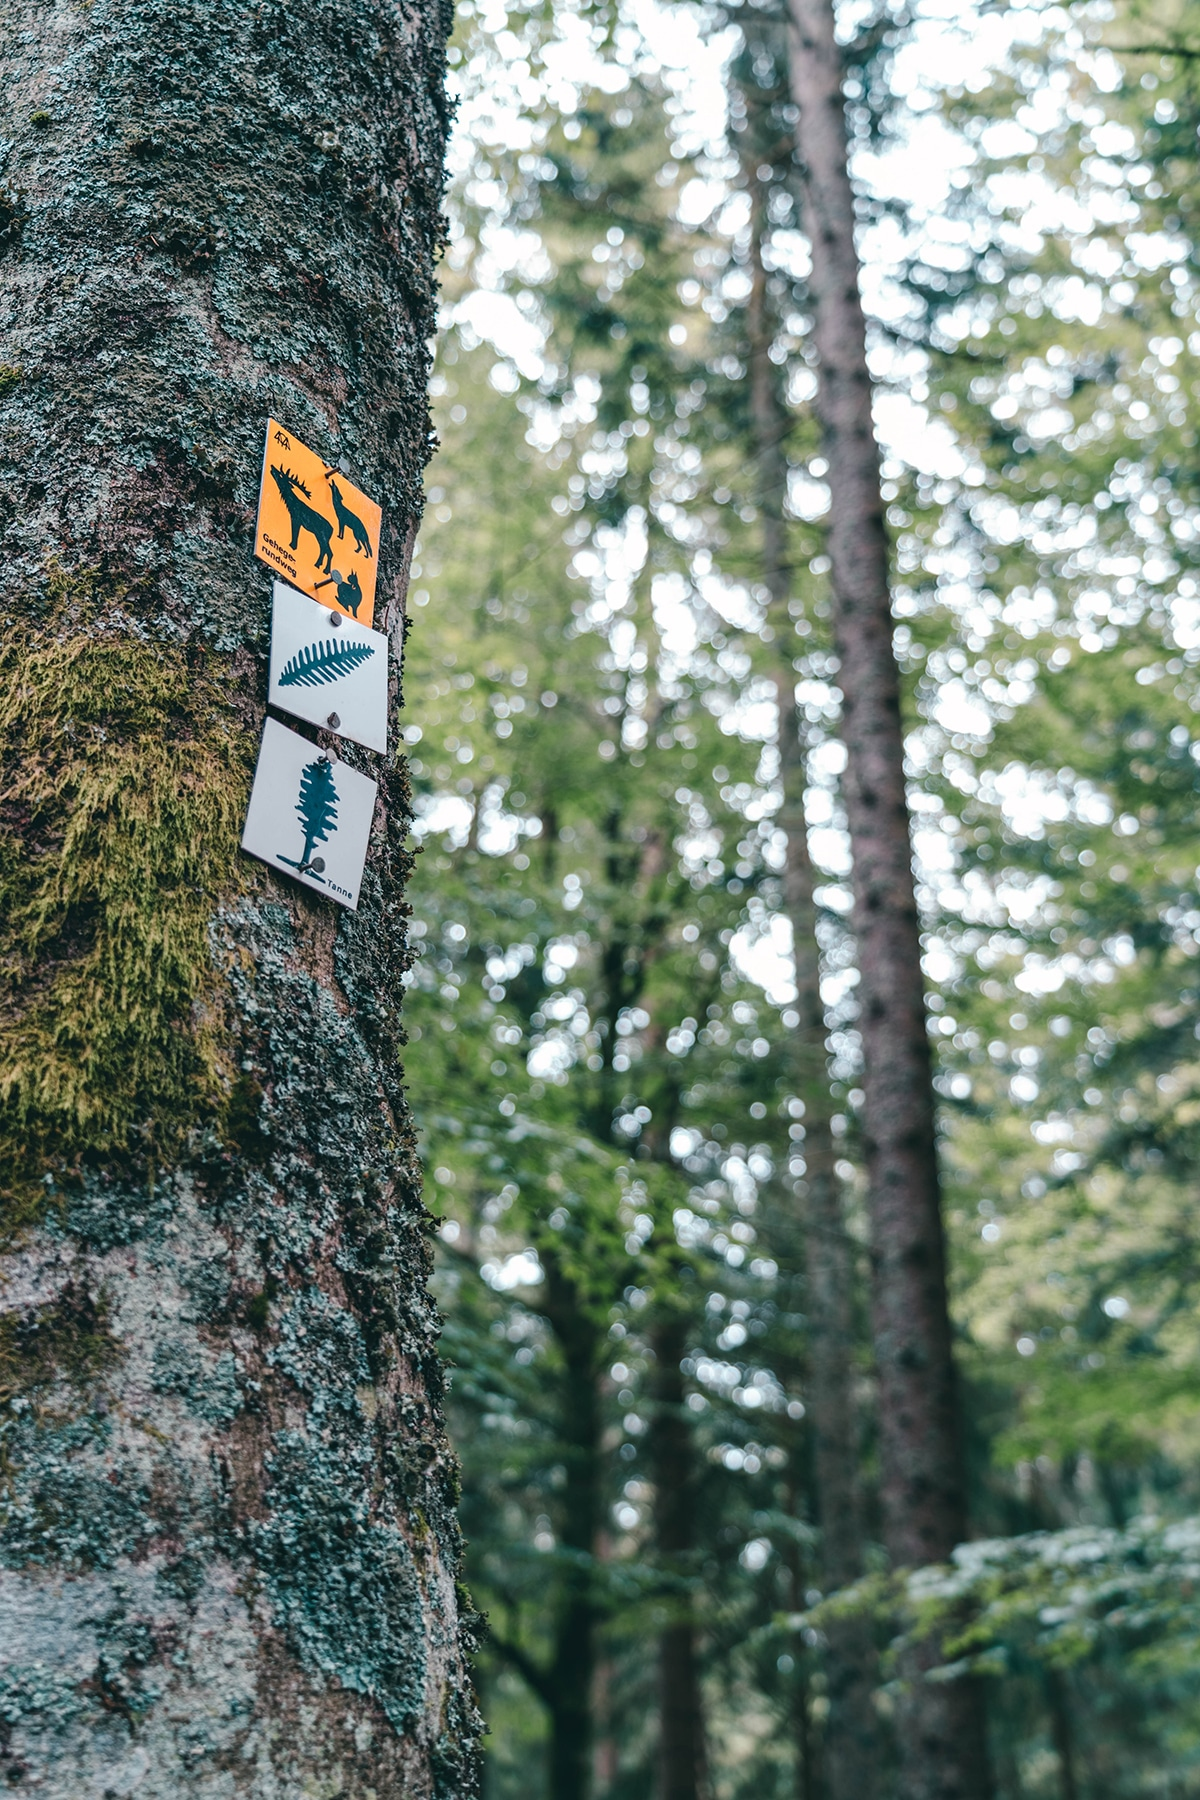 nationalpark-sagwasserklause-baum-markierung